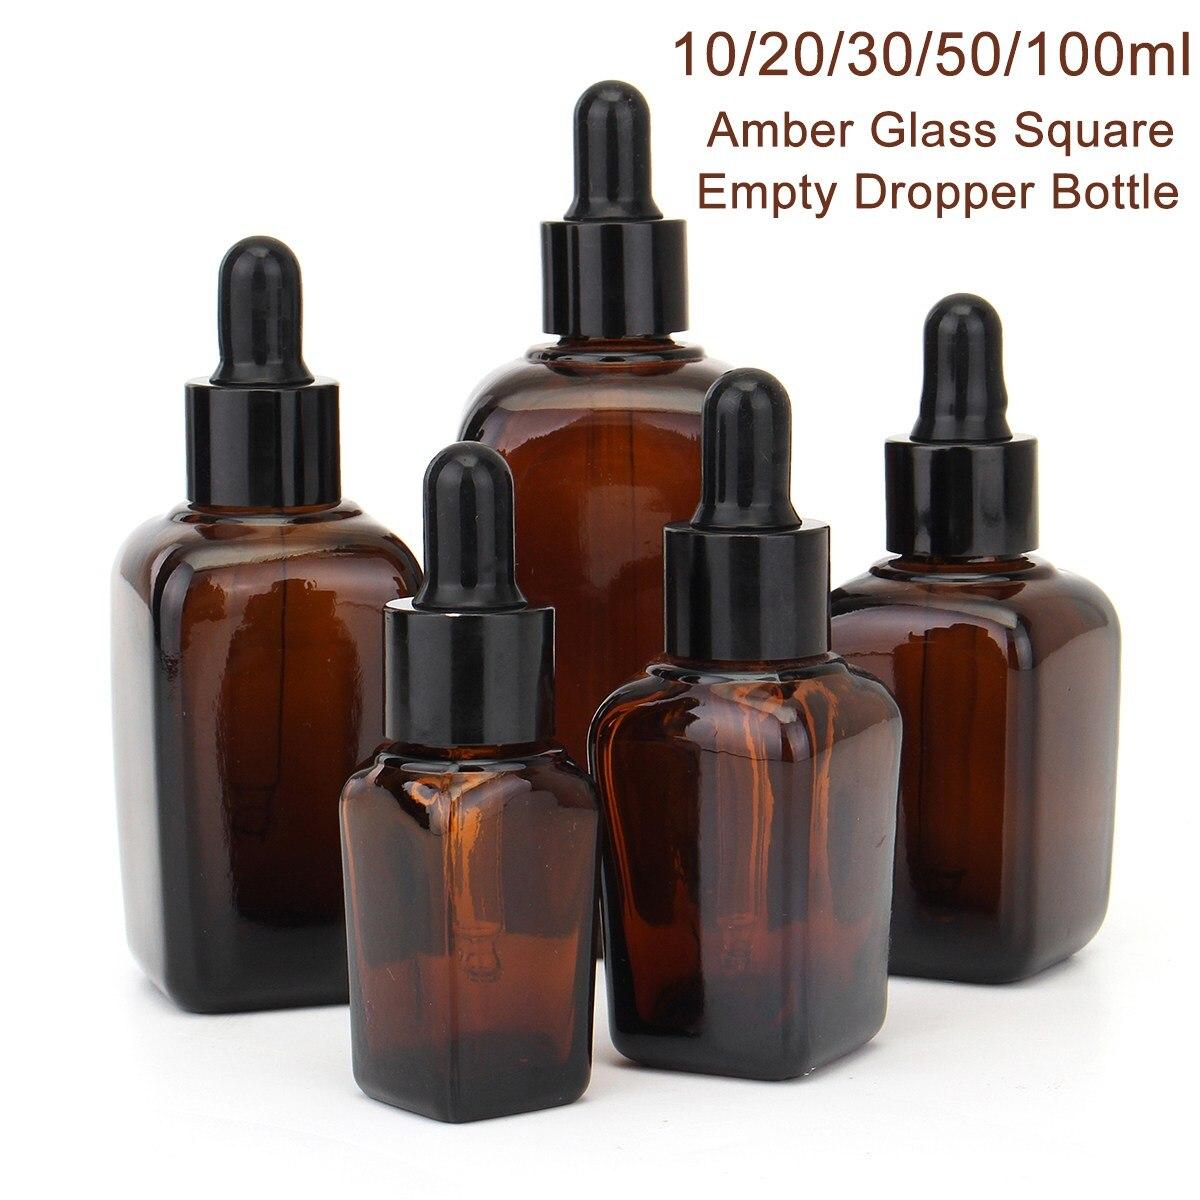 Recipientes de garrafa 10/20/30/50/100ml dos óleos essenciais da aromaterapia do âmbar vazio da garrafa do conta-gotas de vidro quadrado de 5 pces com a pipeta do olho